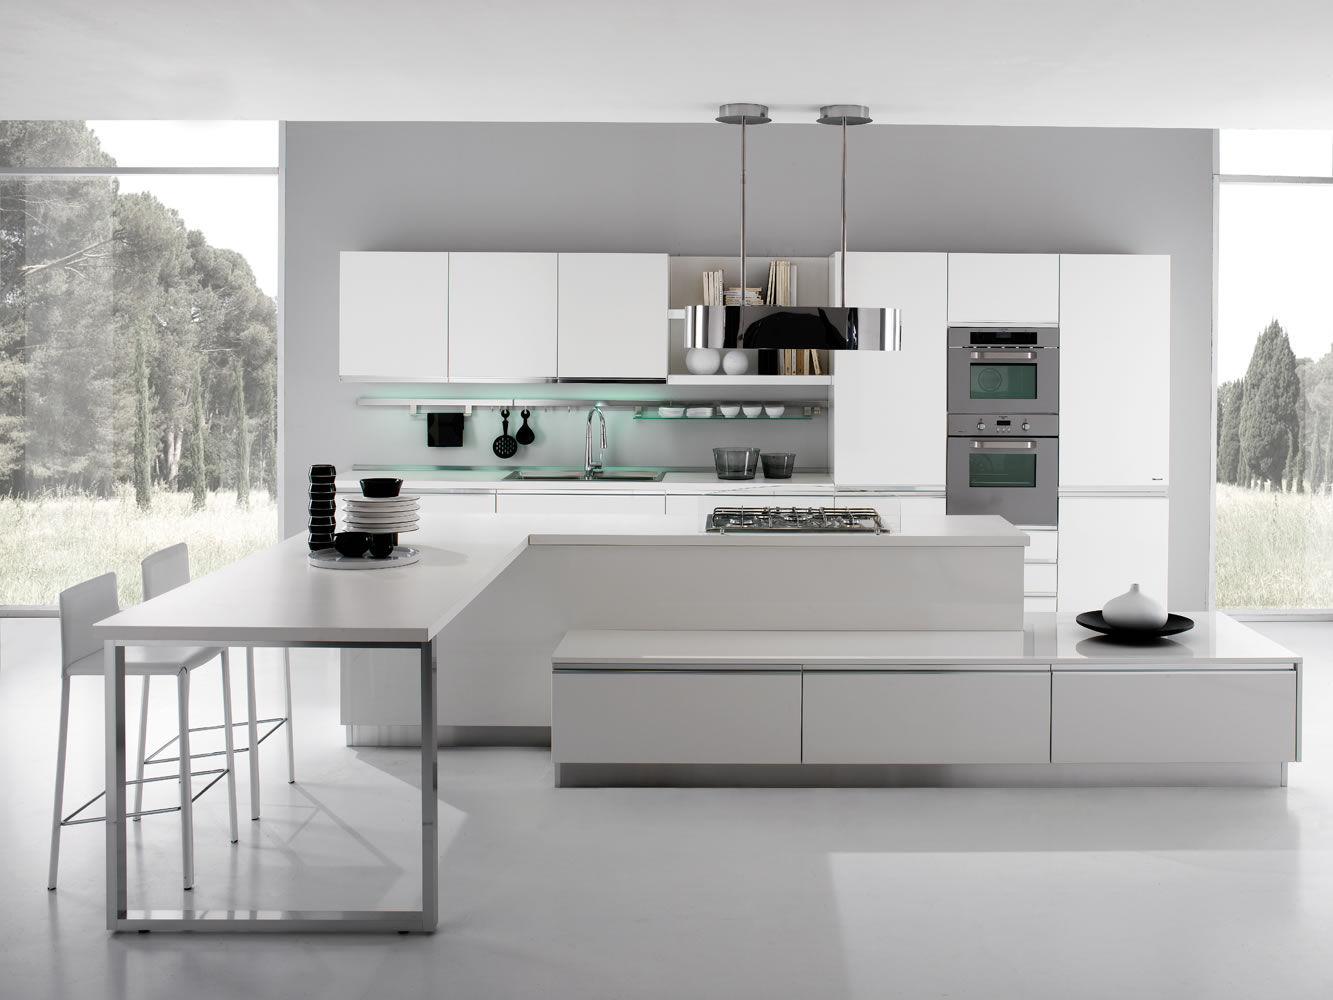 Cucine Modernissime Con Isola cucina febal alicante. contemporary kitchen wooden island